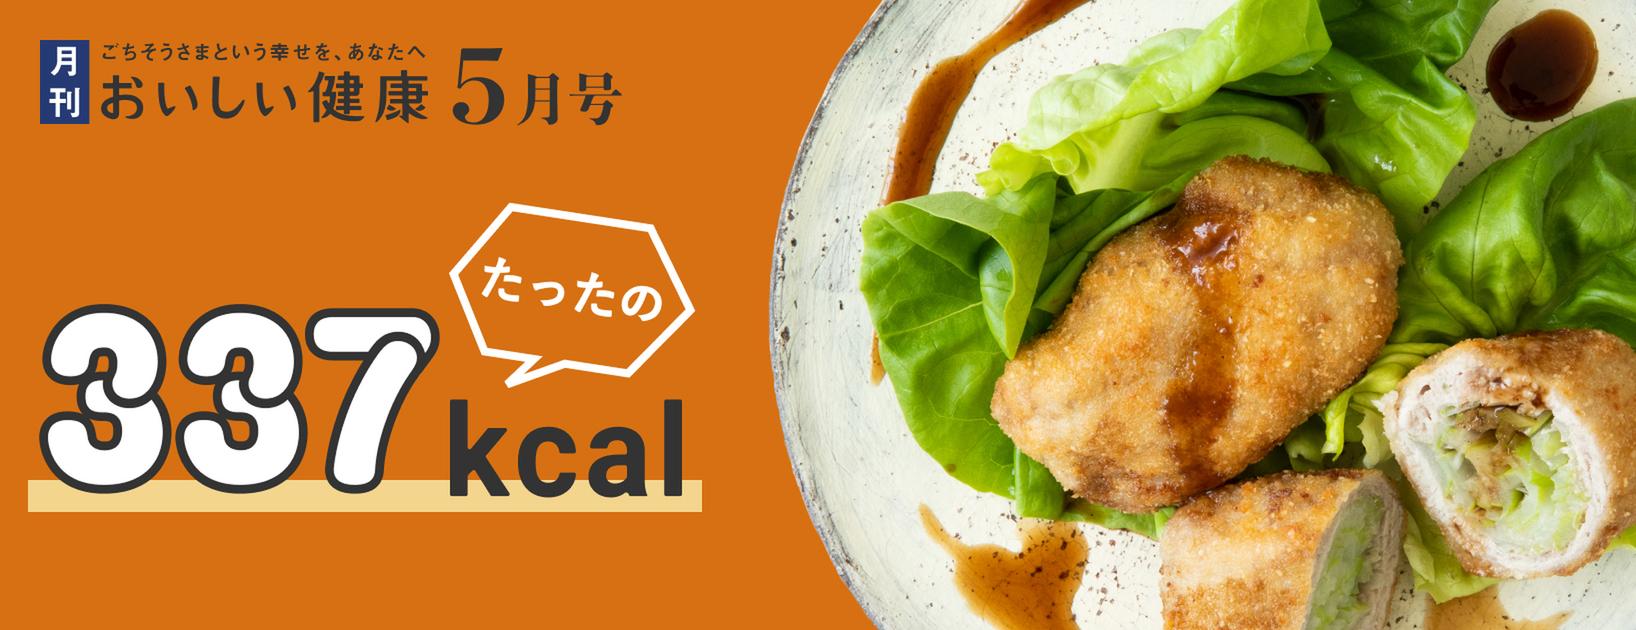 小田真規子さんの「食べる、ダイエット」